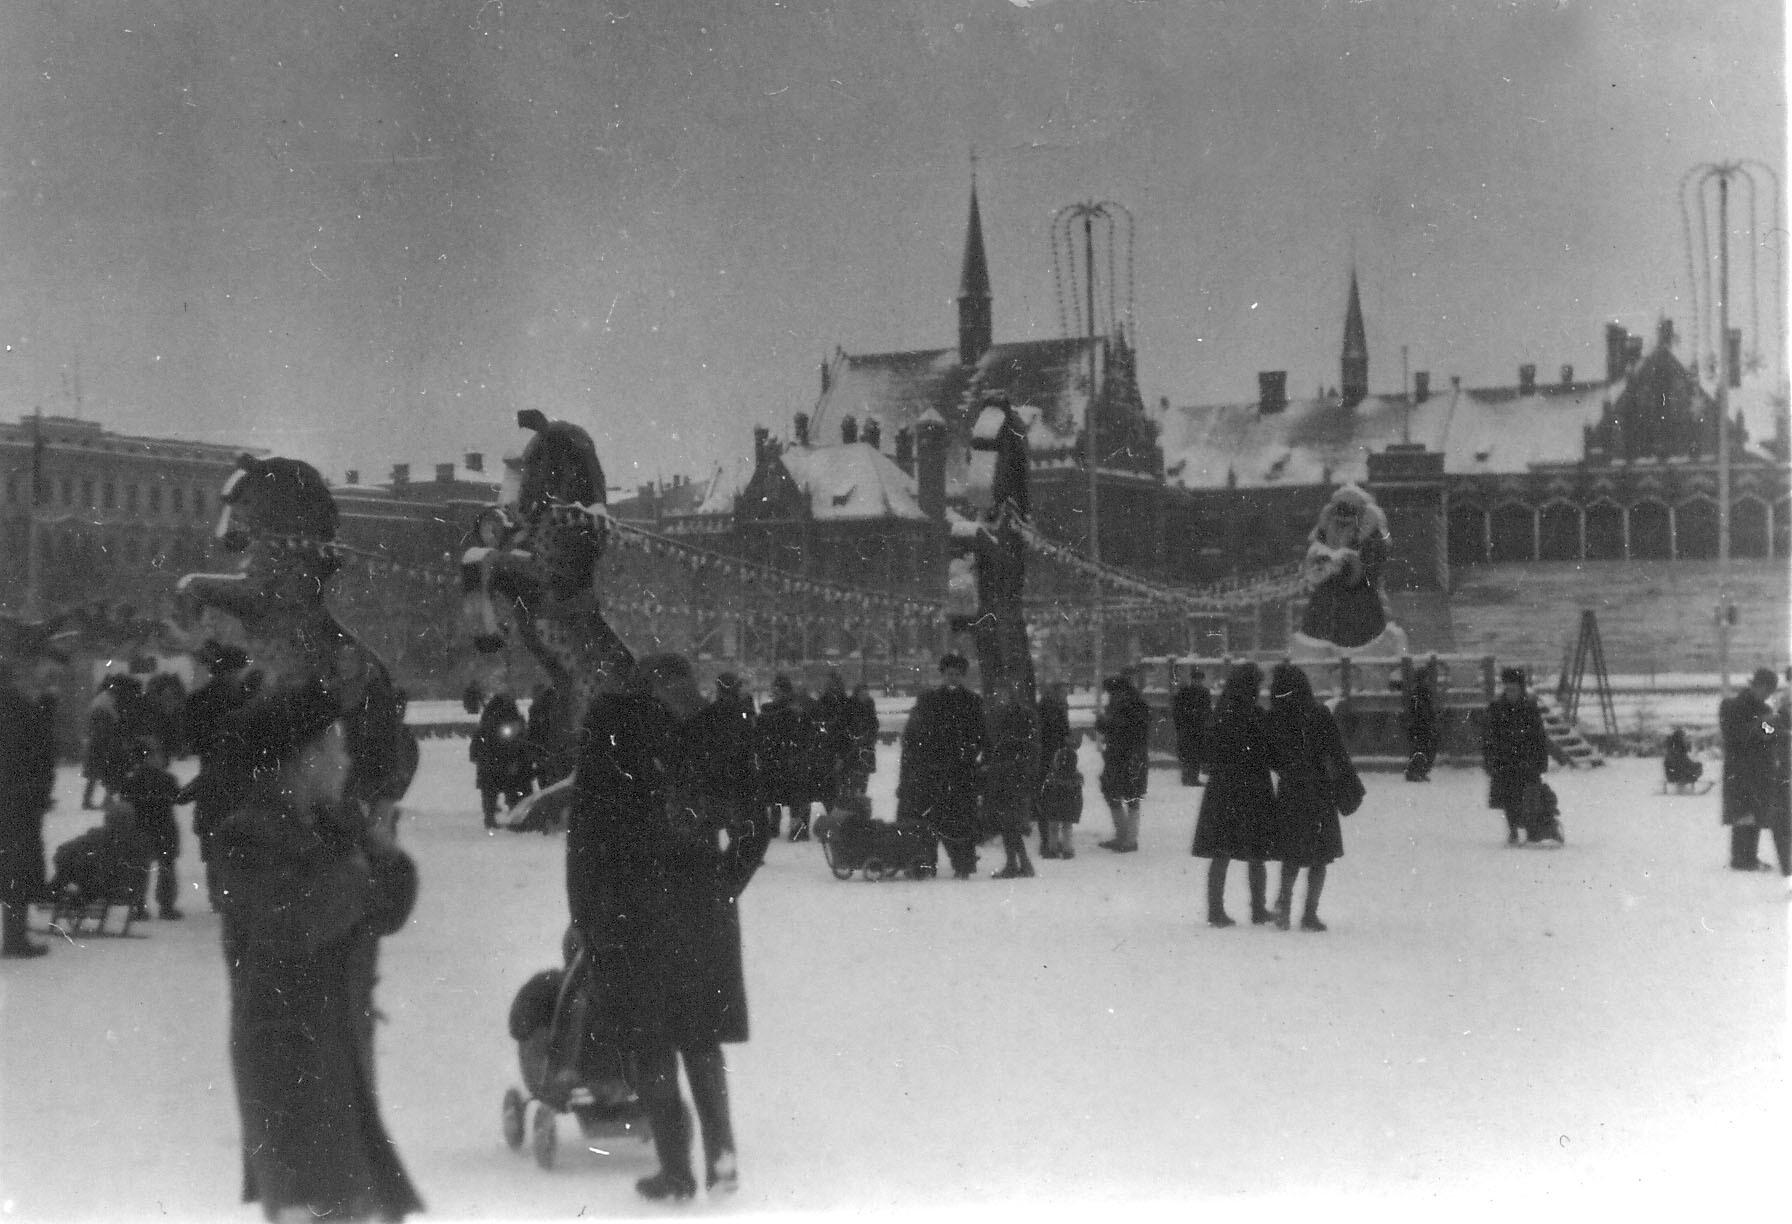 1955. Ёлочный базар